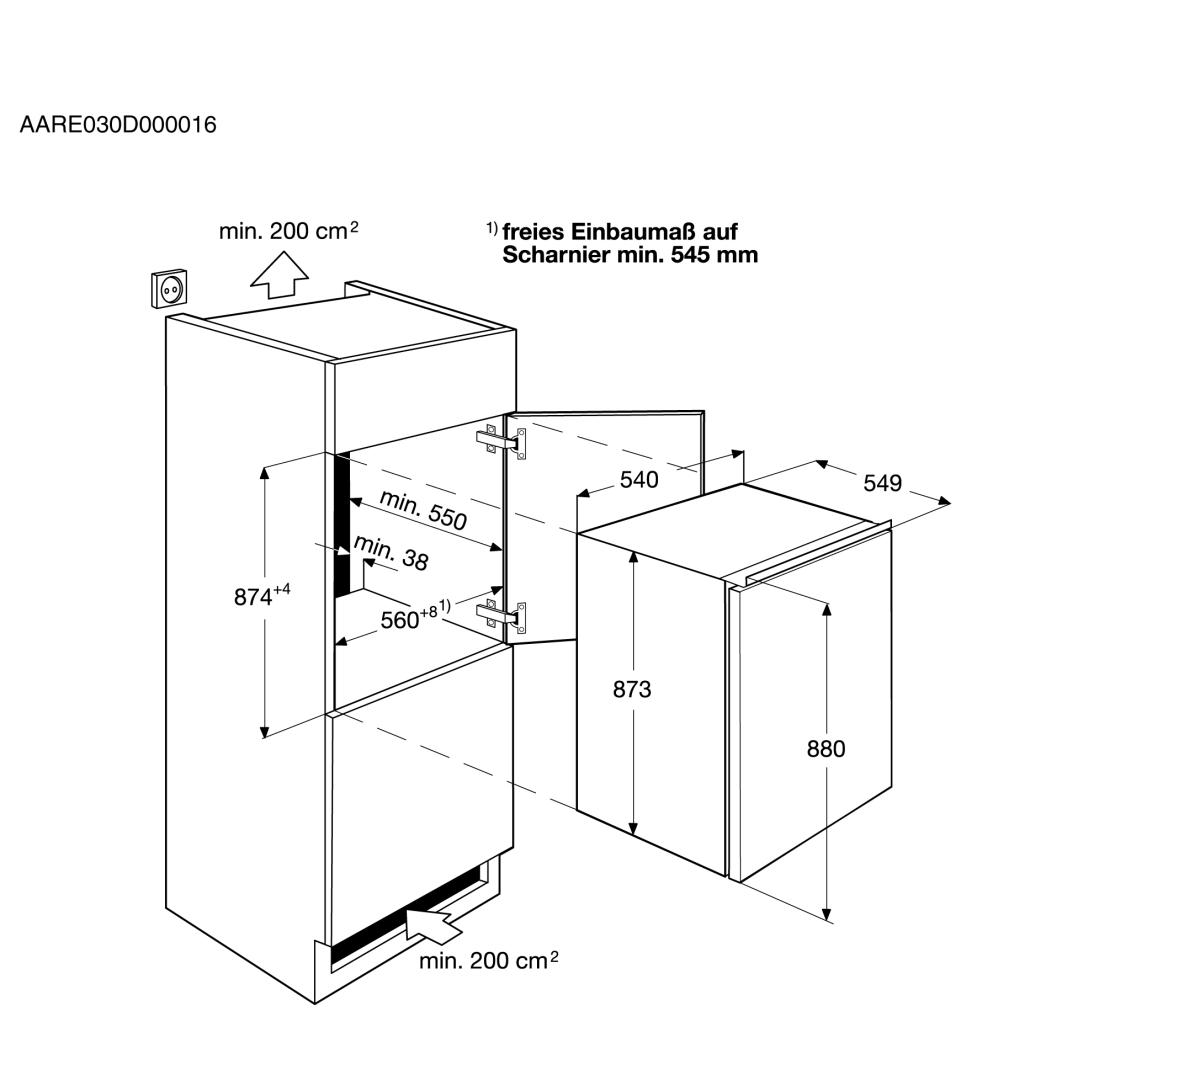 aeg sfb58831as einbauk hlschrank mit gefrierfach 88cm nischenh he schleppt r technik a. Black Bedroom Furniture Sets. Home Design Ideas